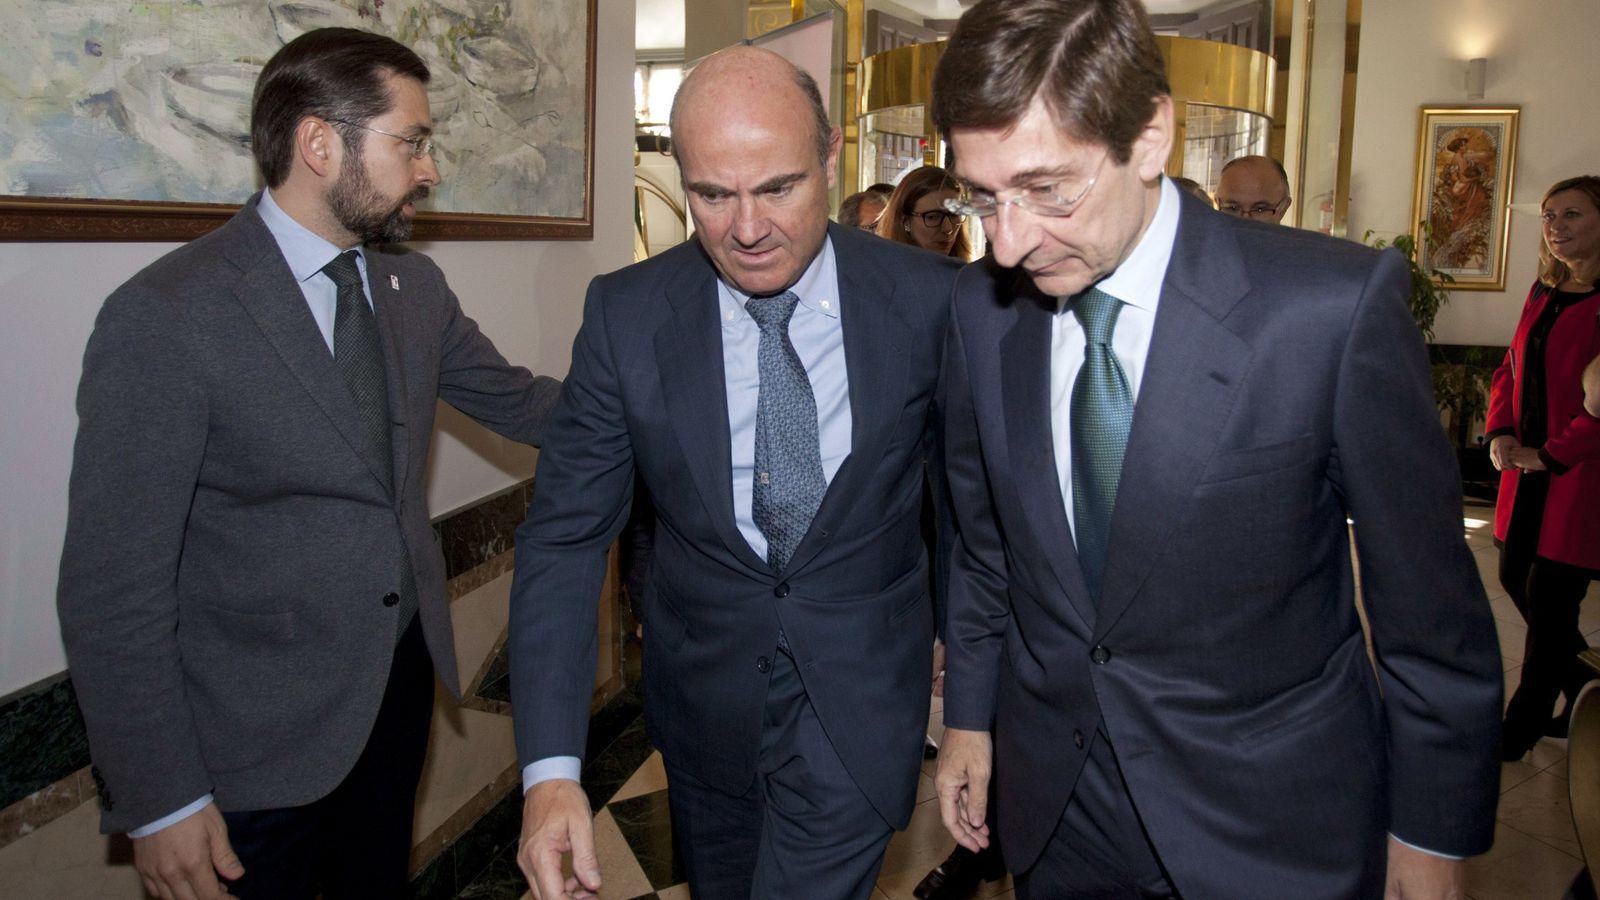 Foto: El ministro de Economía, Luis de Guindos (c), y el presidente de Bankia, José Ignacio Goirigolzarri (d). (EFE)